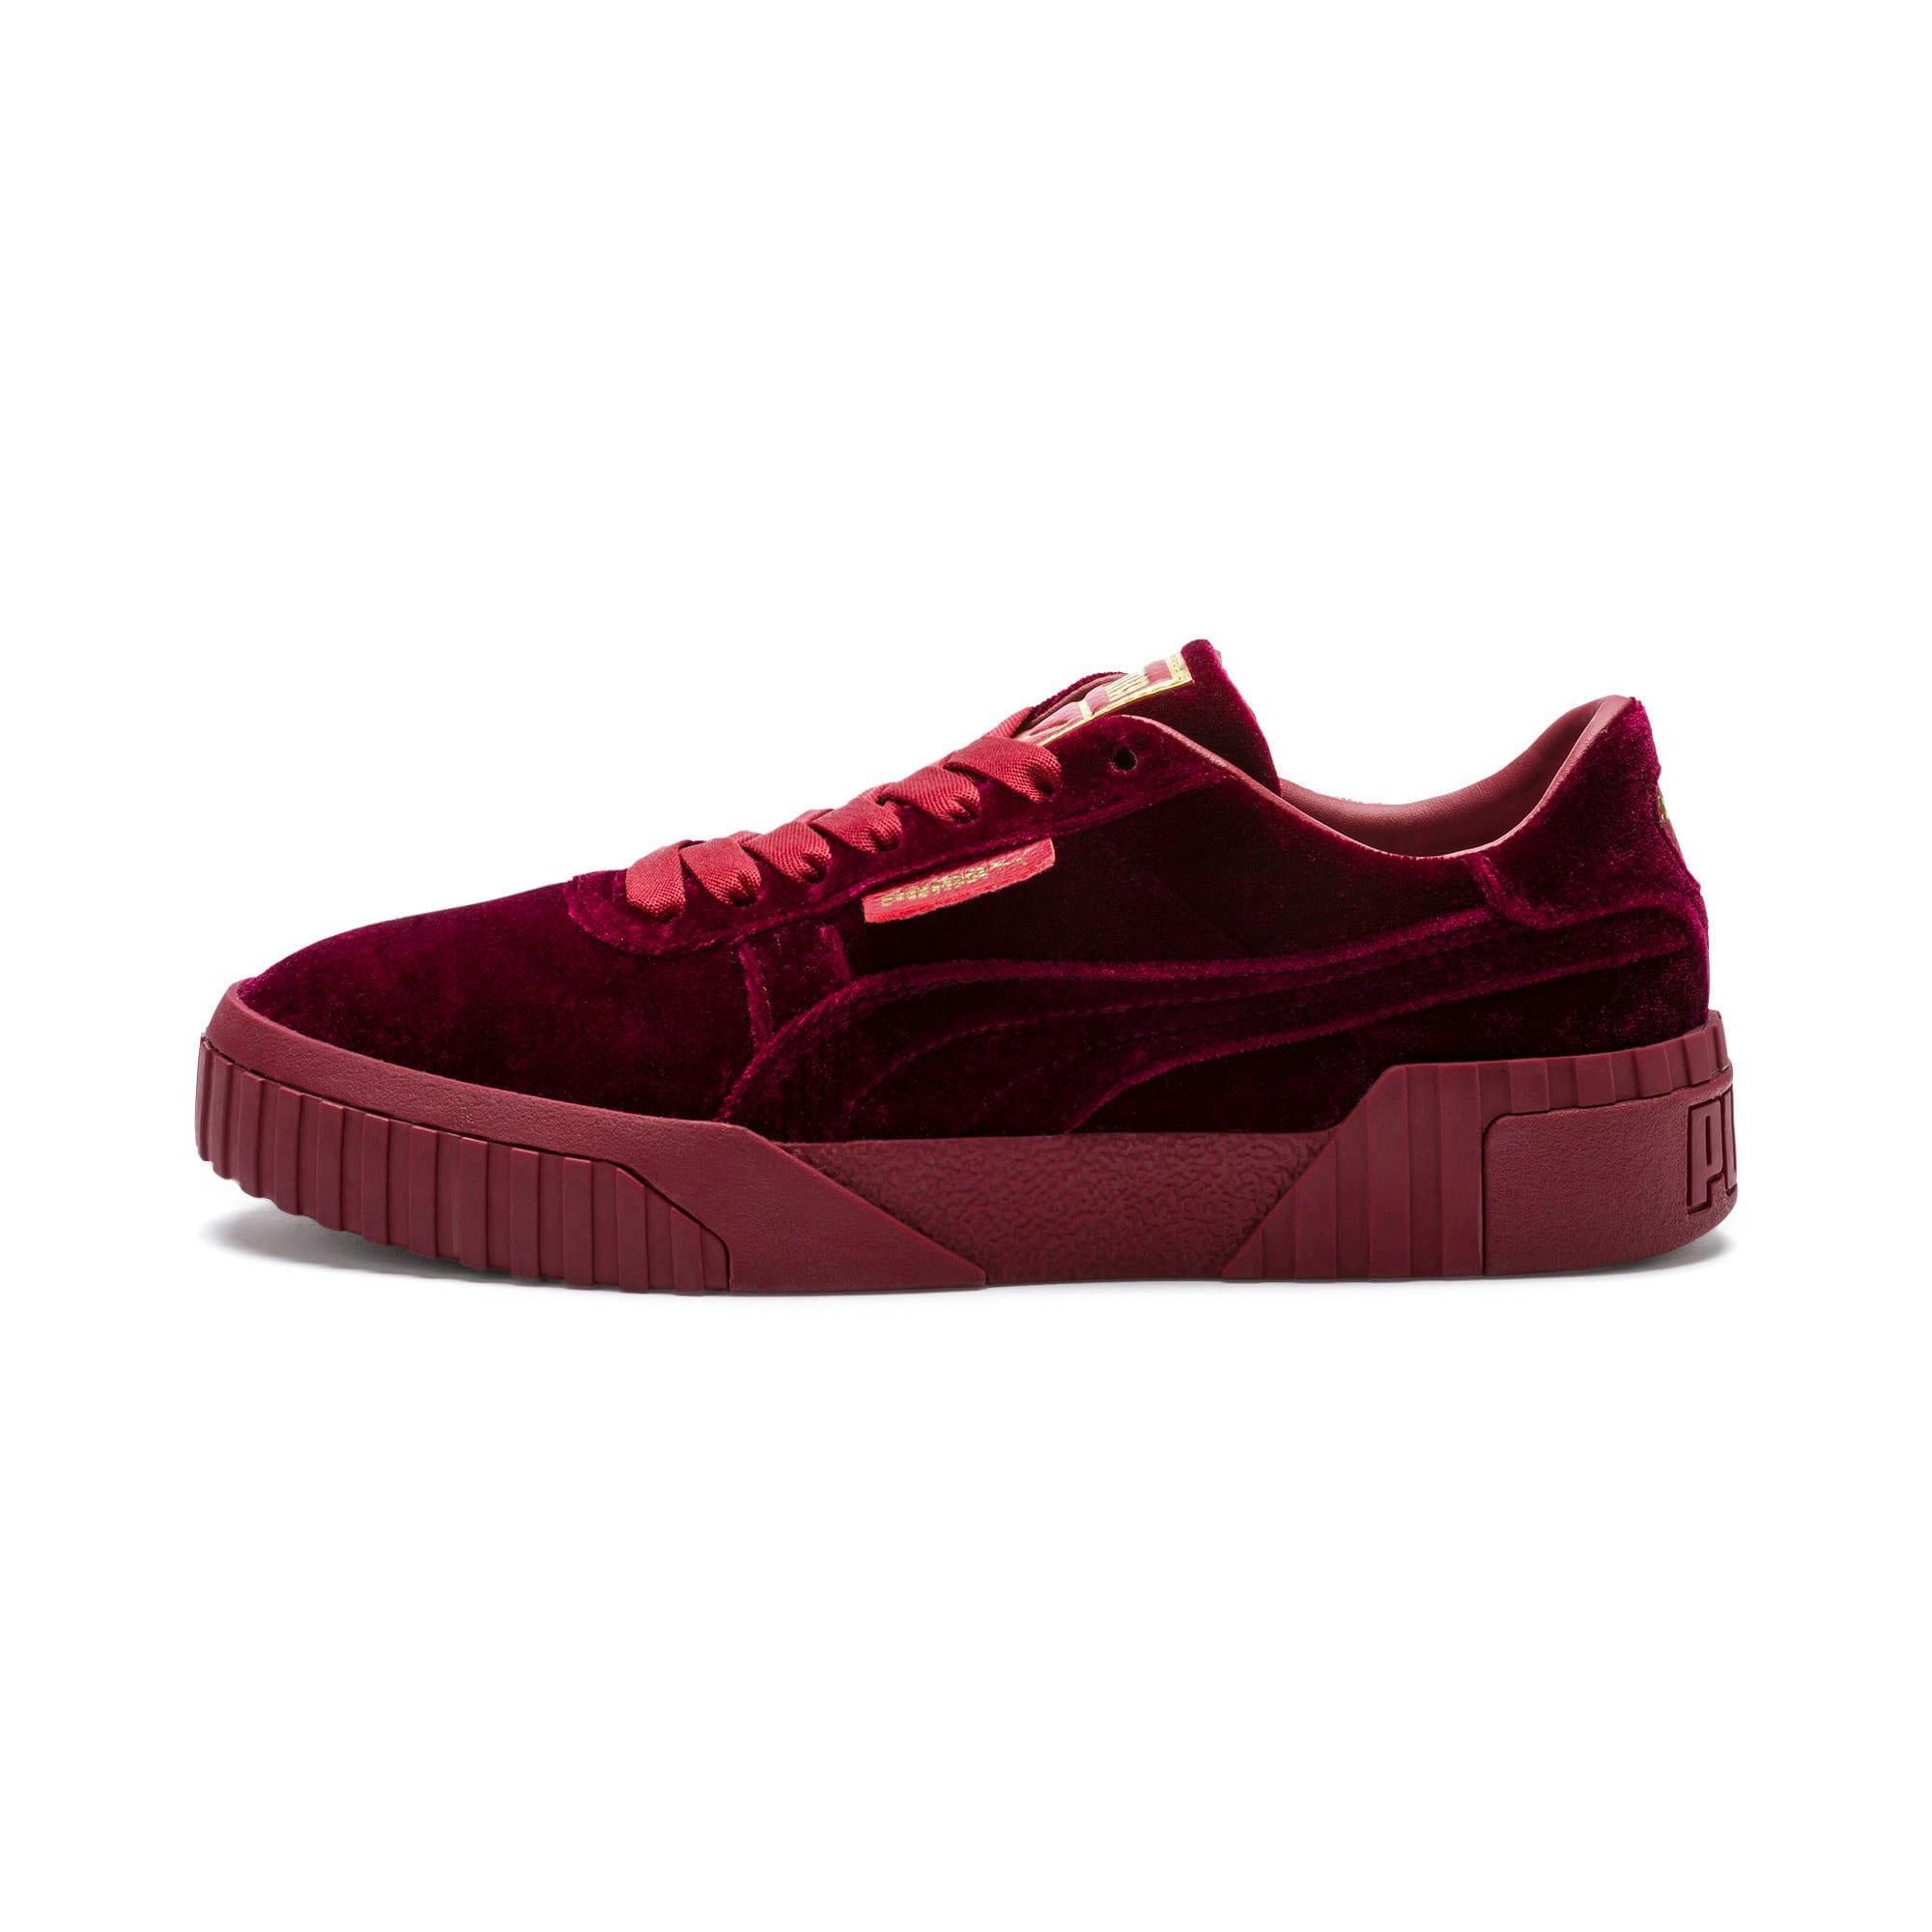 Thumbnail 1 of Cali Velvet Women's Sneakers, Tibetan Red-Tibetan Red, medium